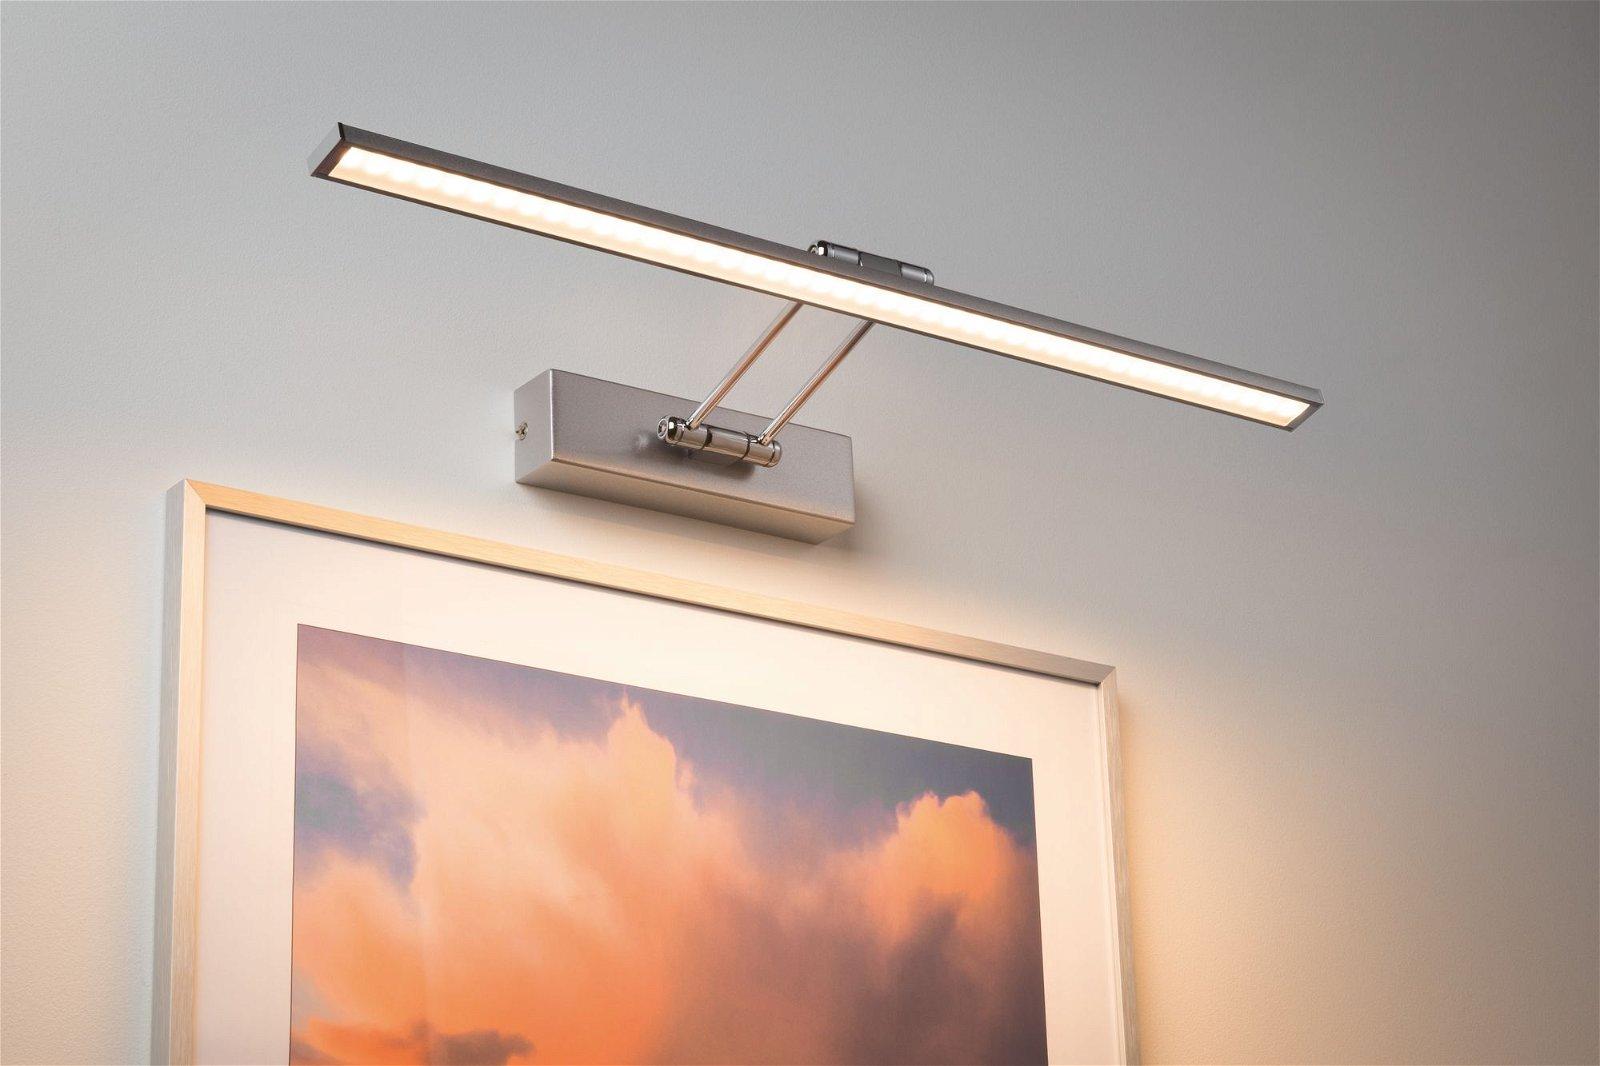 Galeria LED Bilderleuchte Beam 2700K 1250lm 230V 11W Nickel gebürstet/Chrom